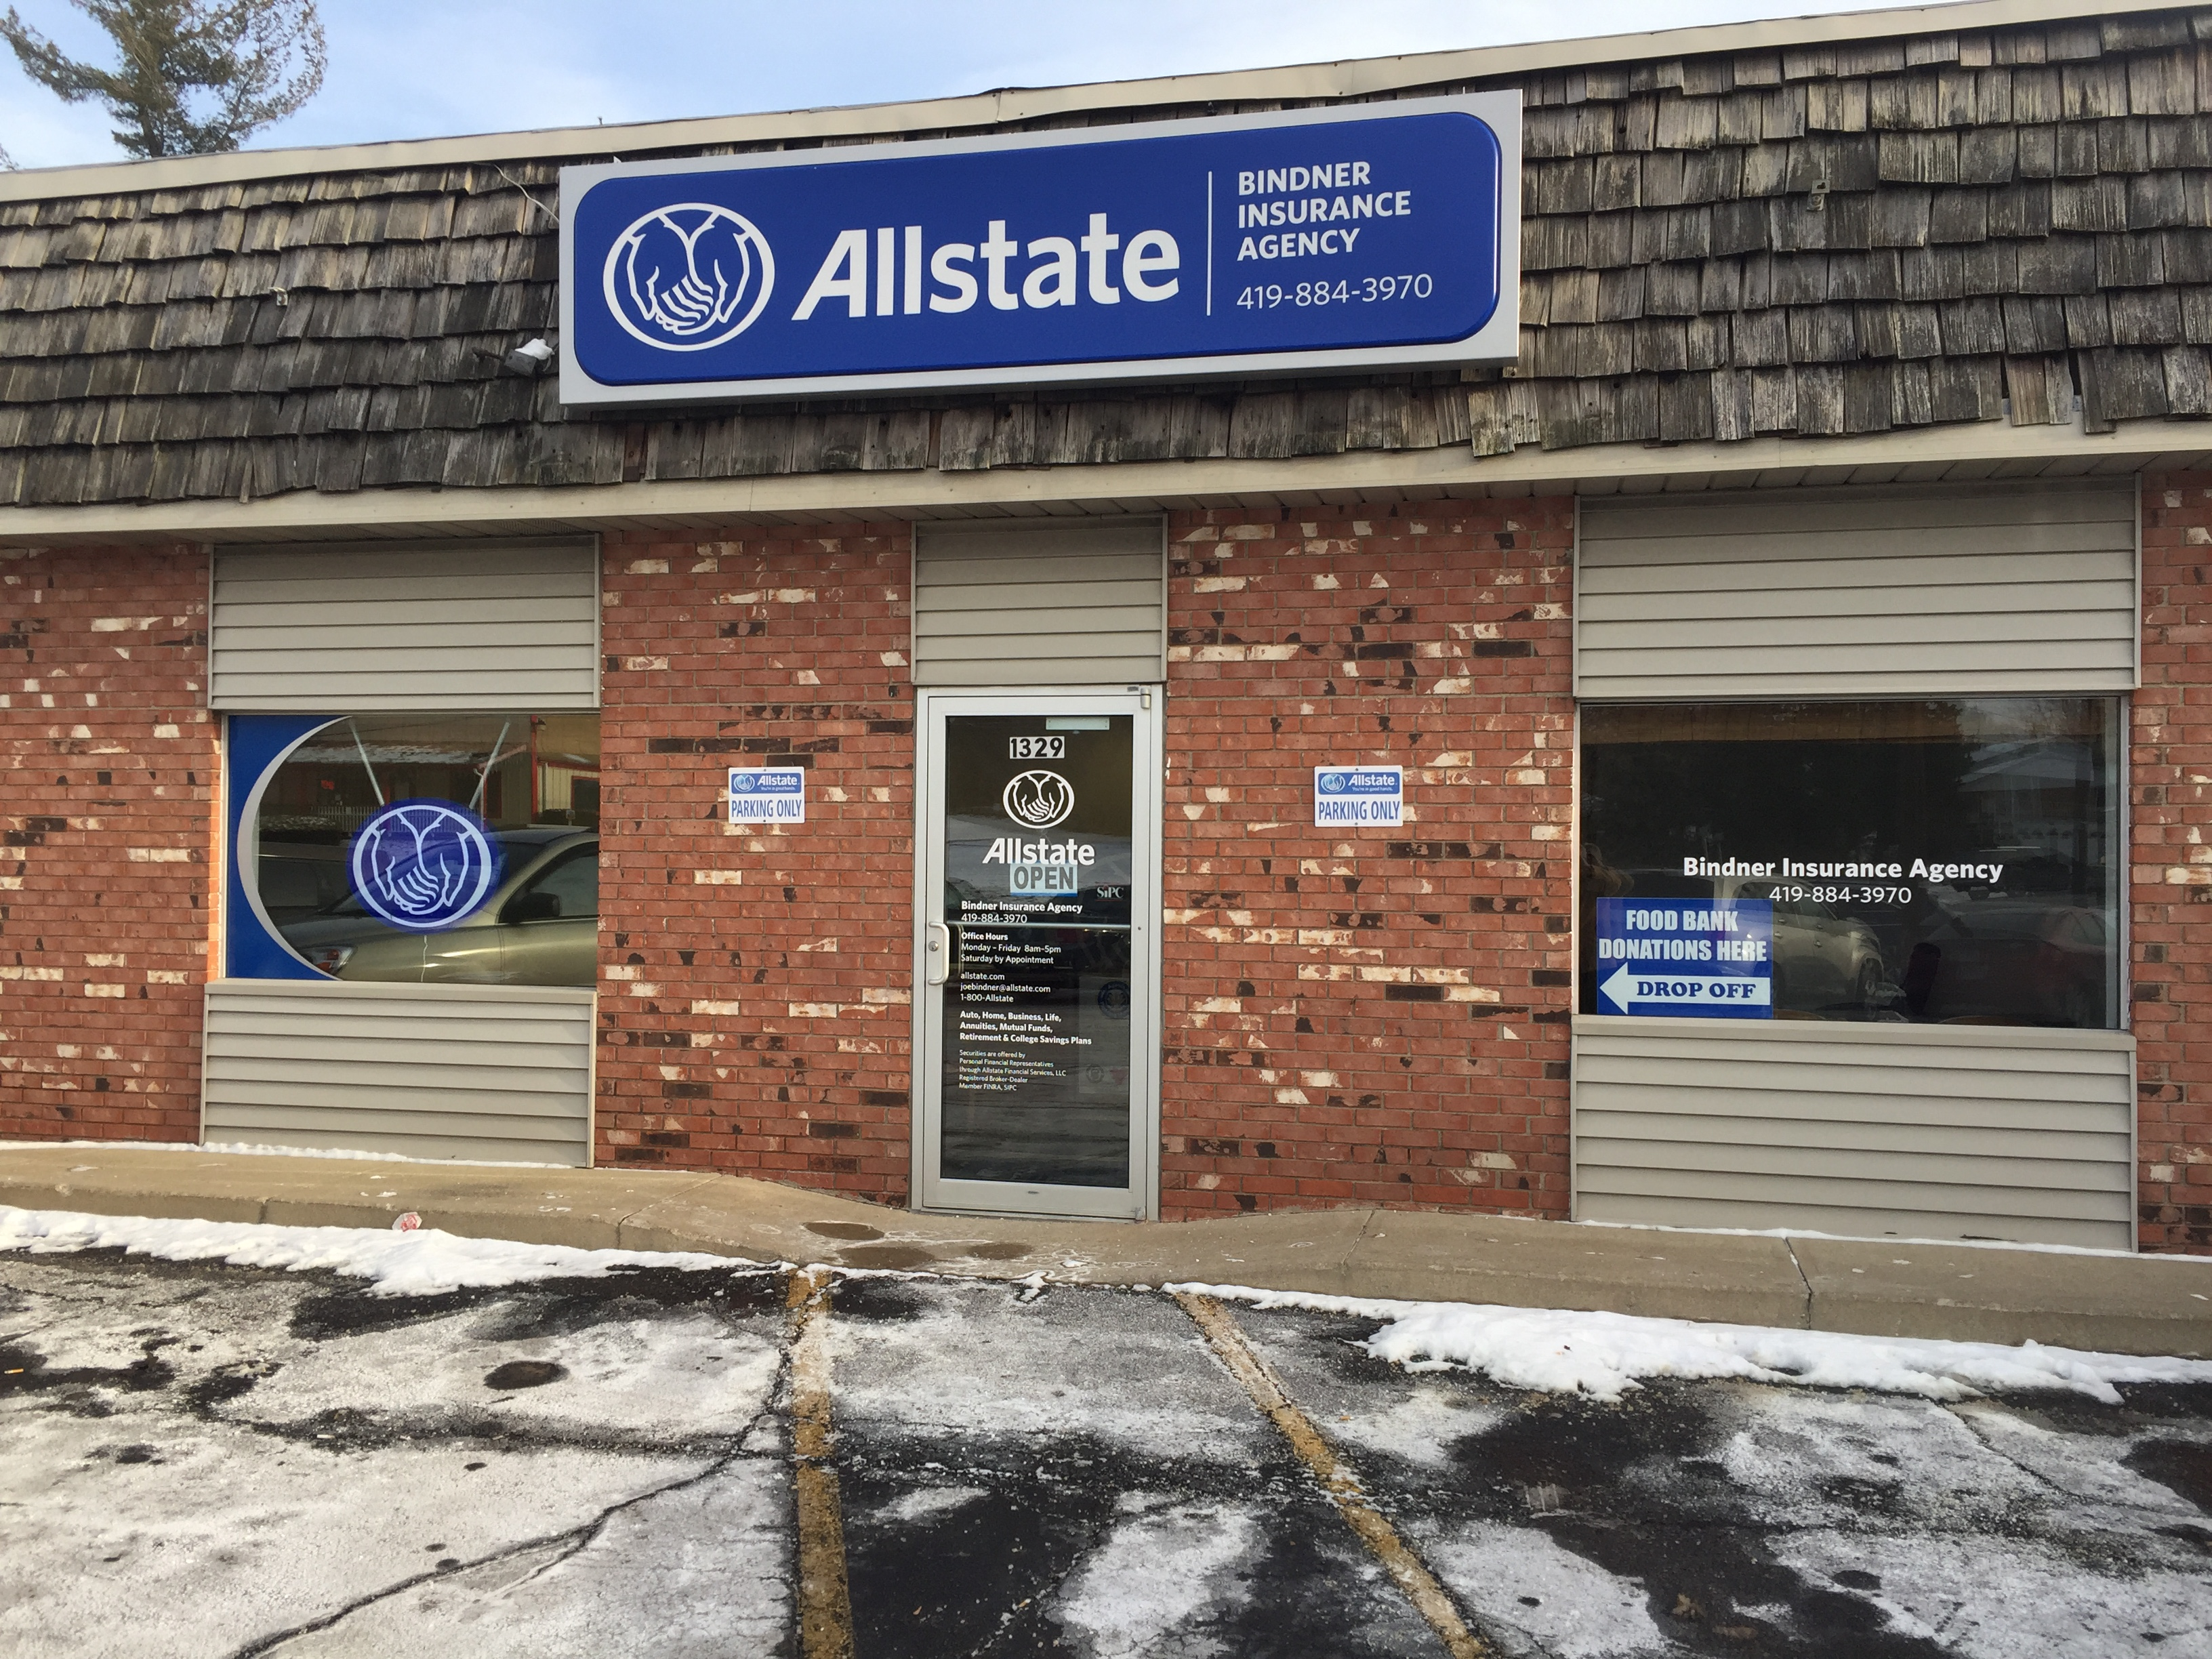 Joseph Bindner: Allstate Insurance image 4